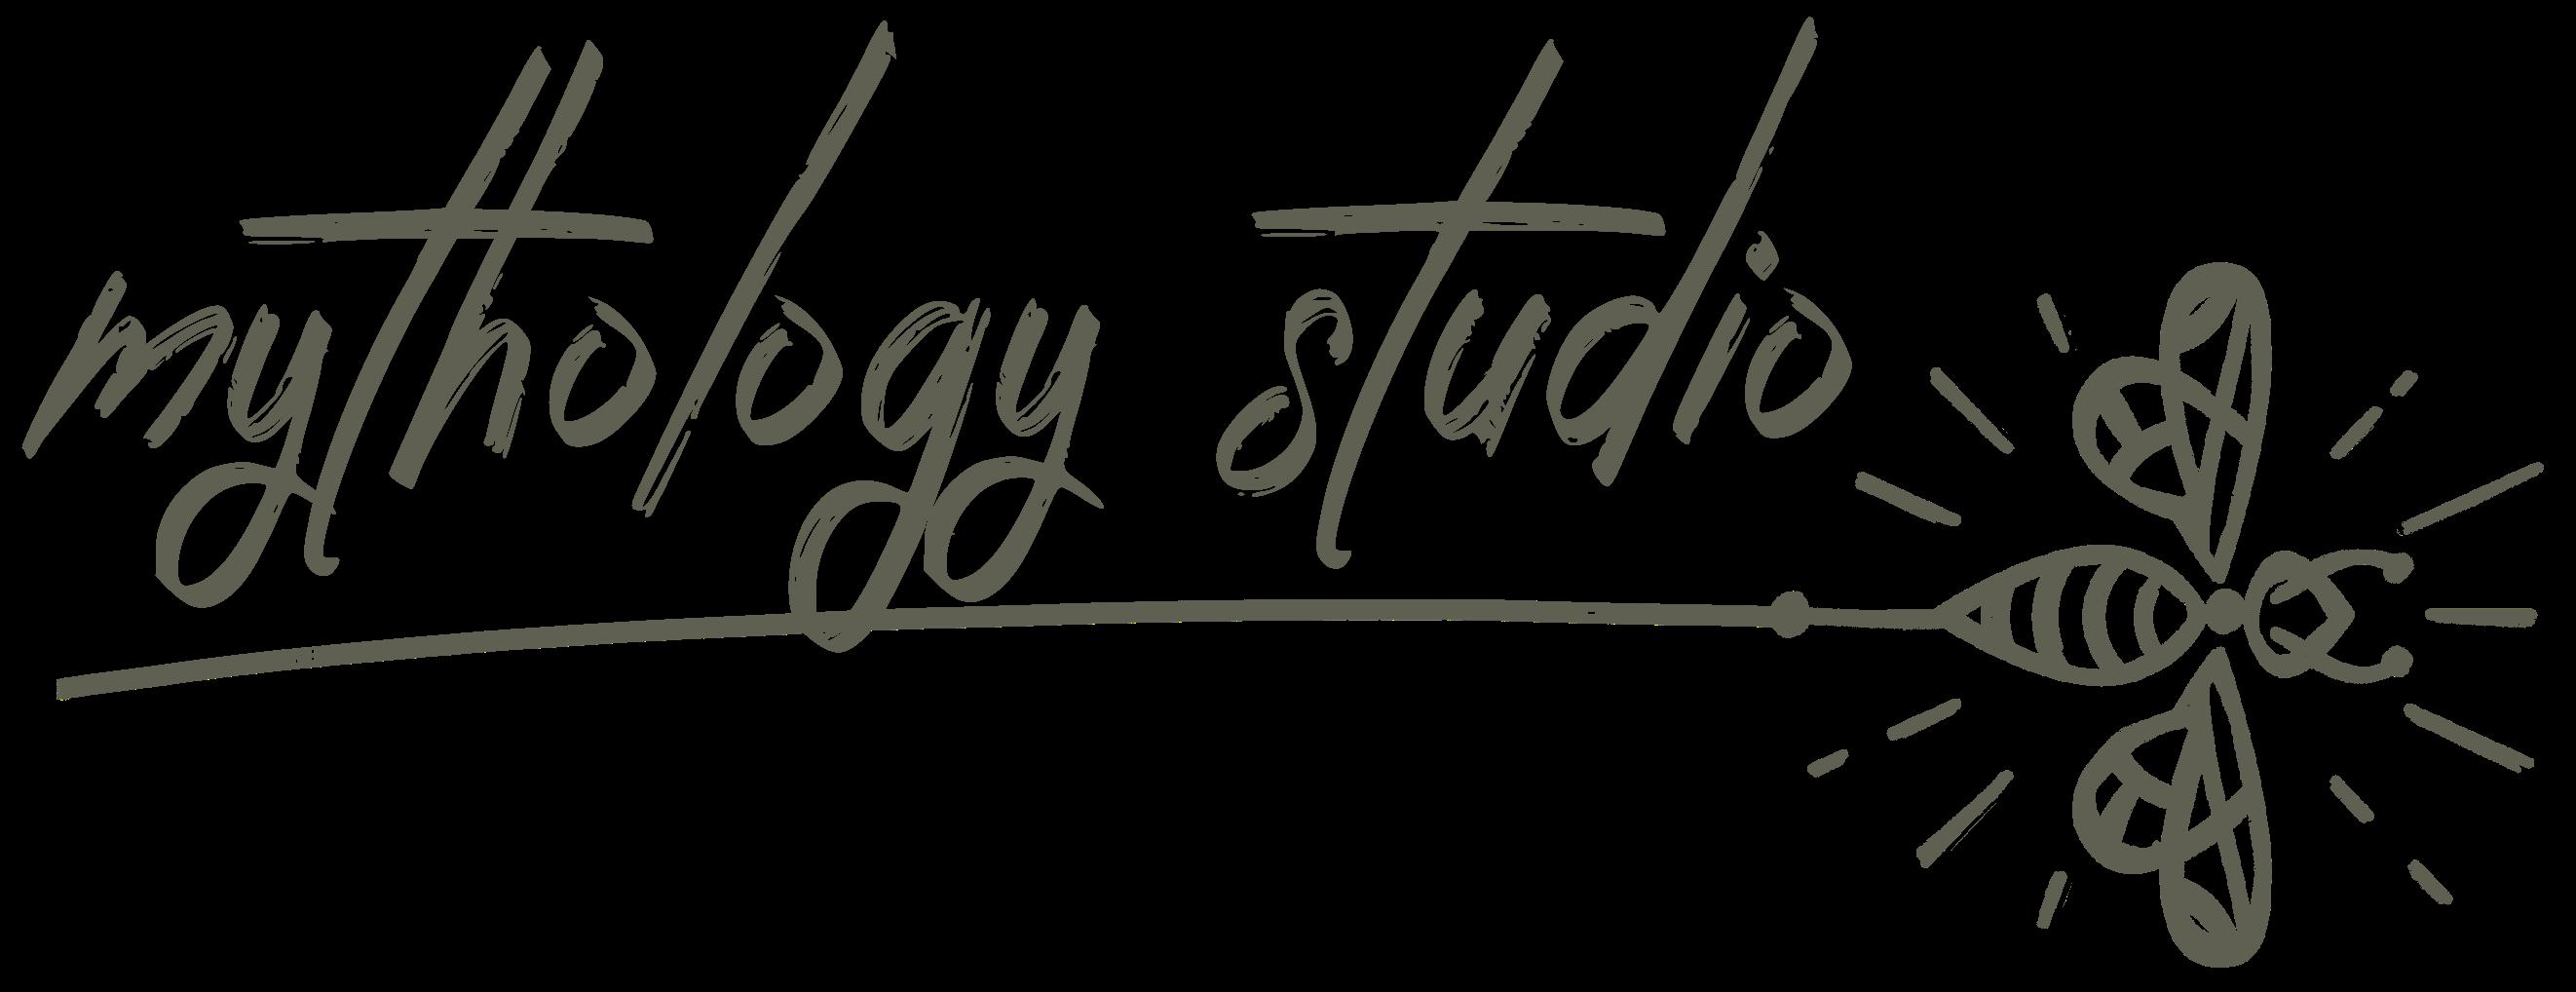 Mythology Studio Logo